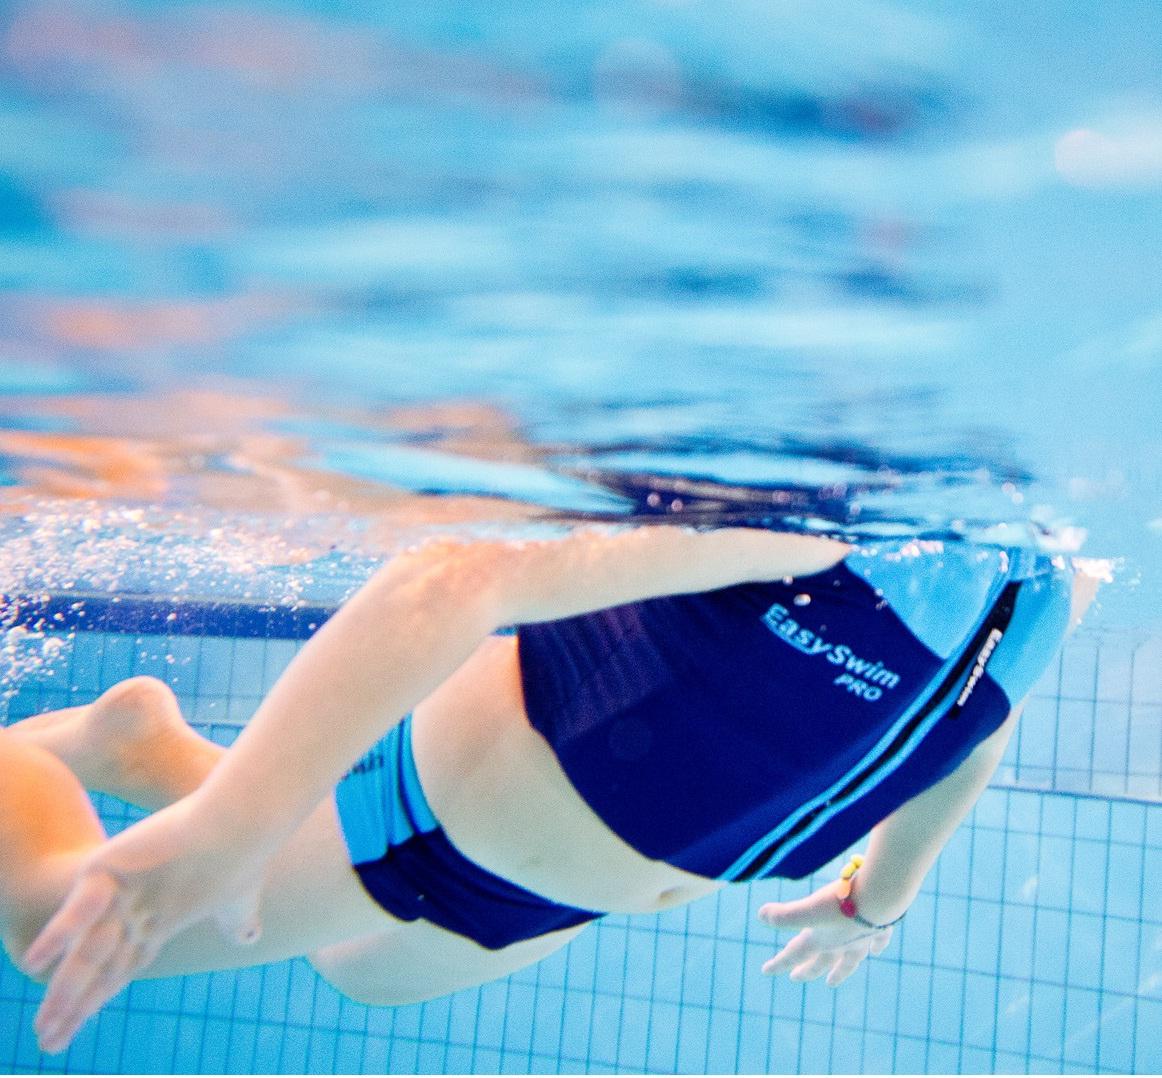 easyswim-pro-boy-swimming